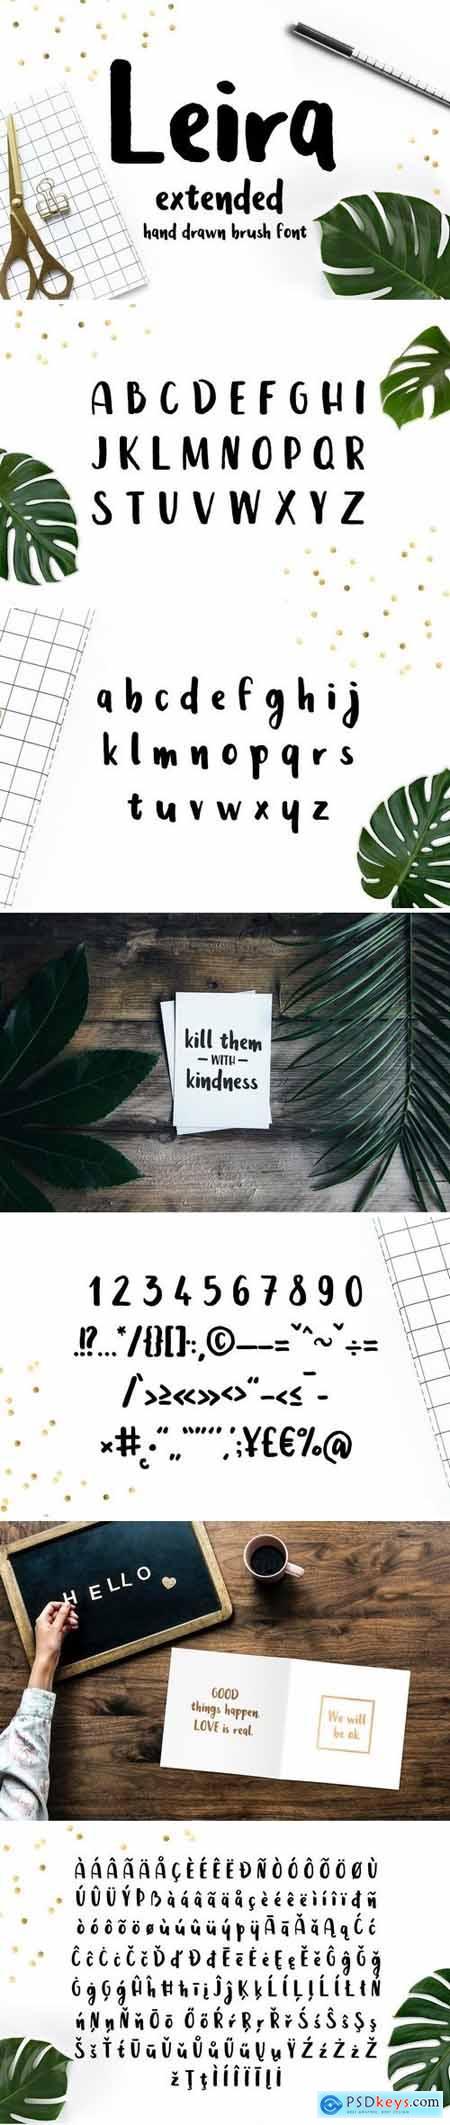 Leira Extended Hand Drawn Brush Font 2700861